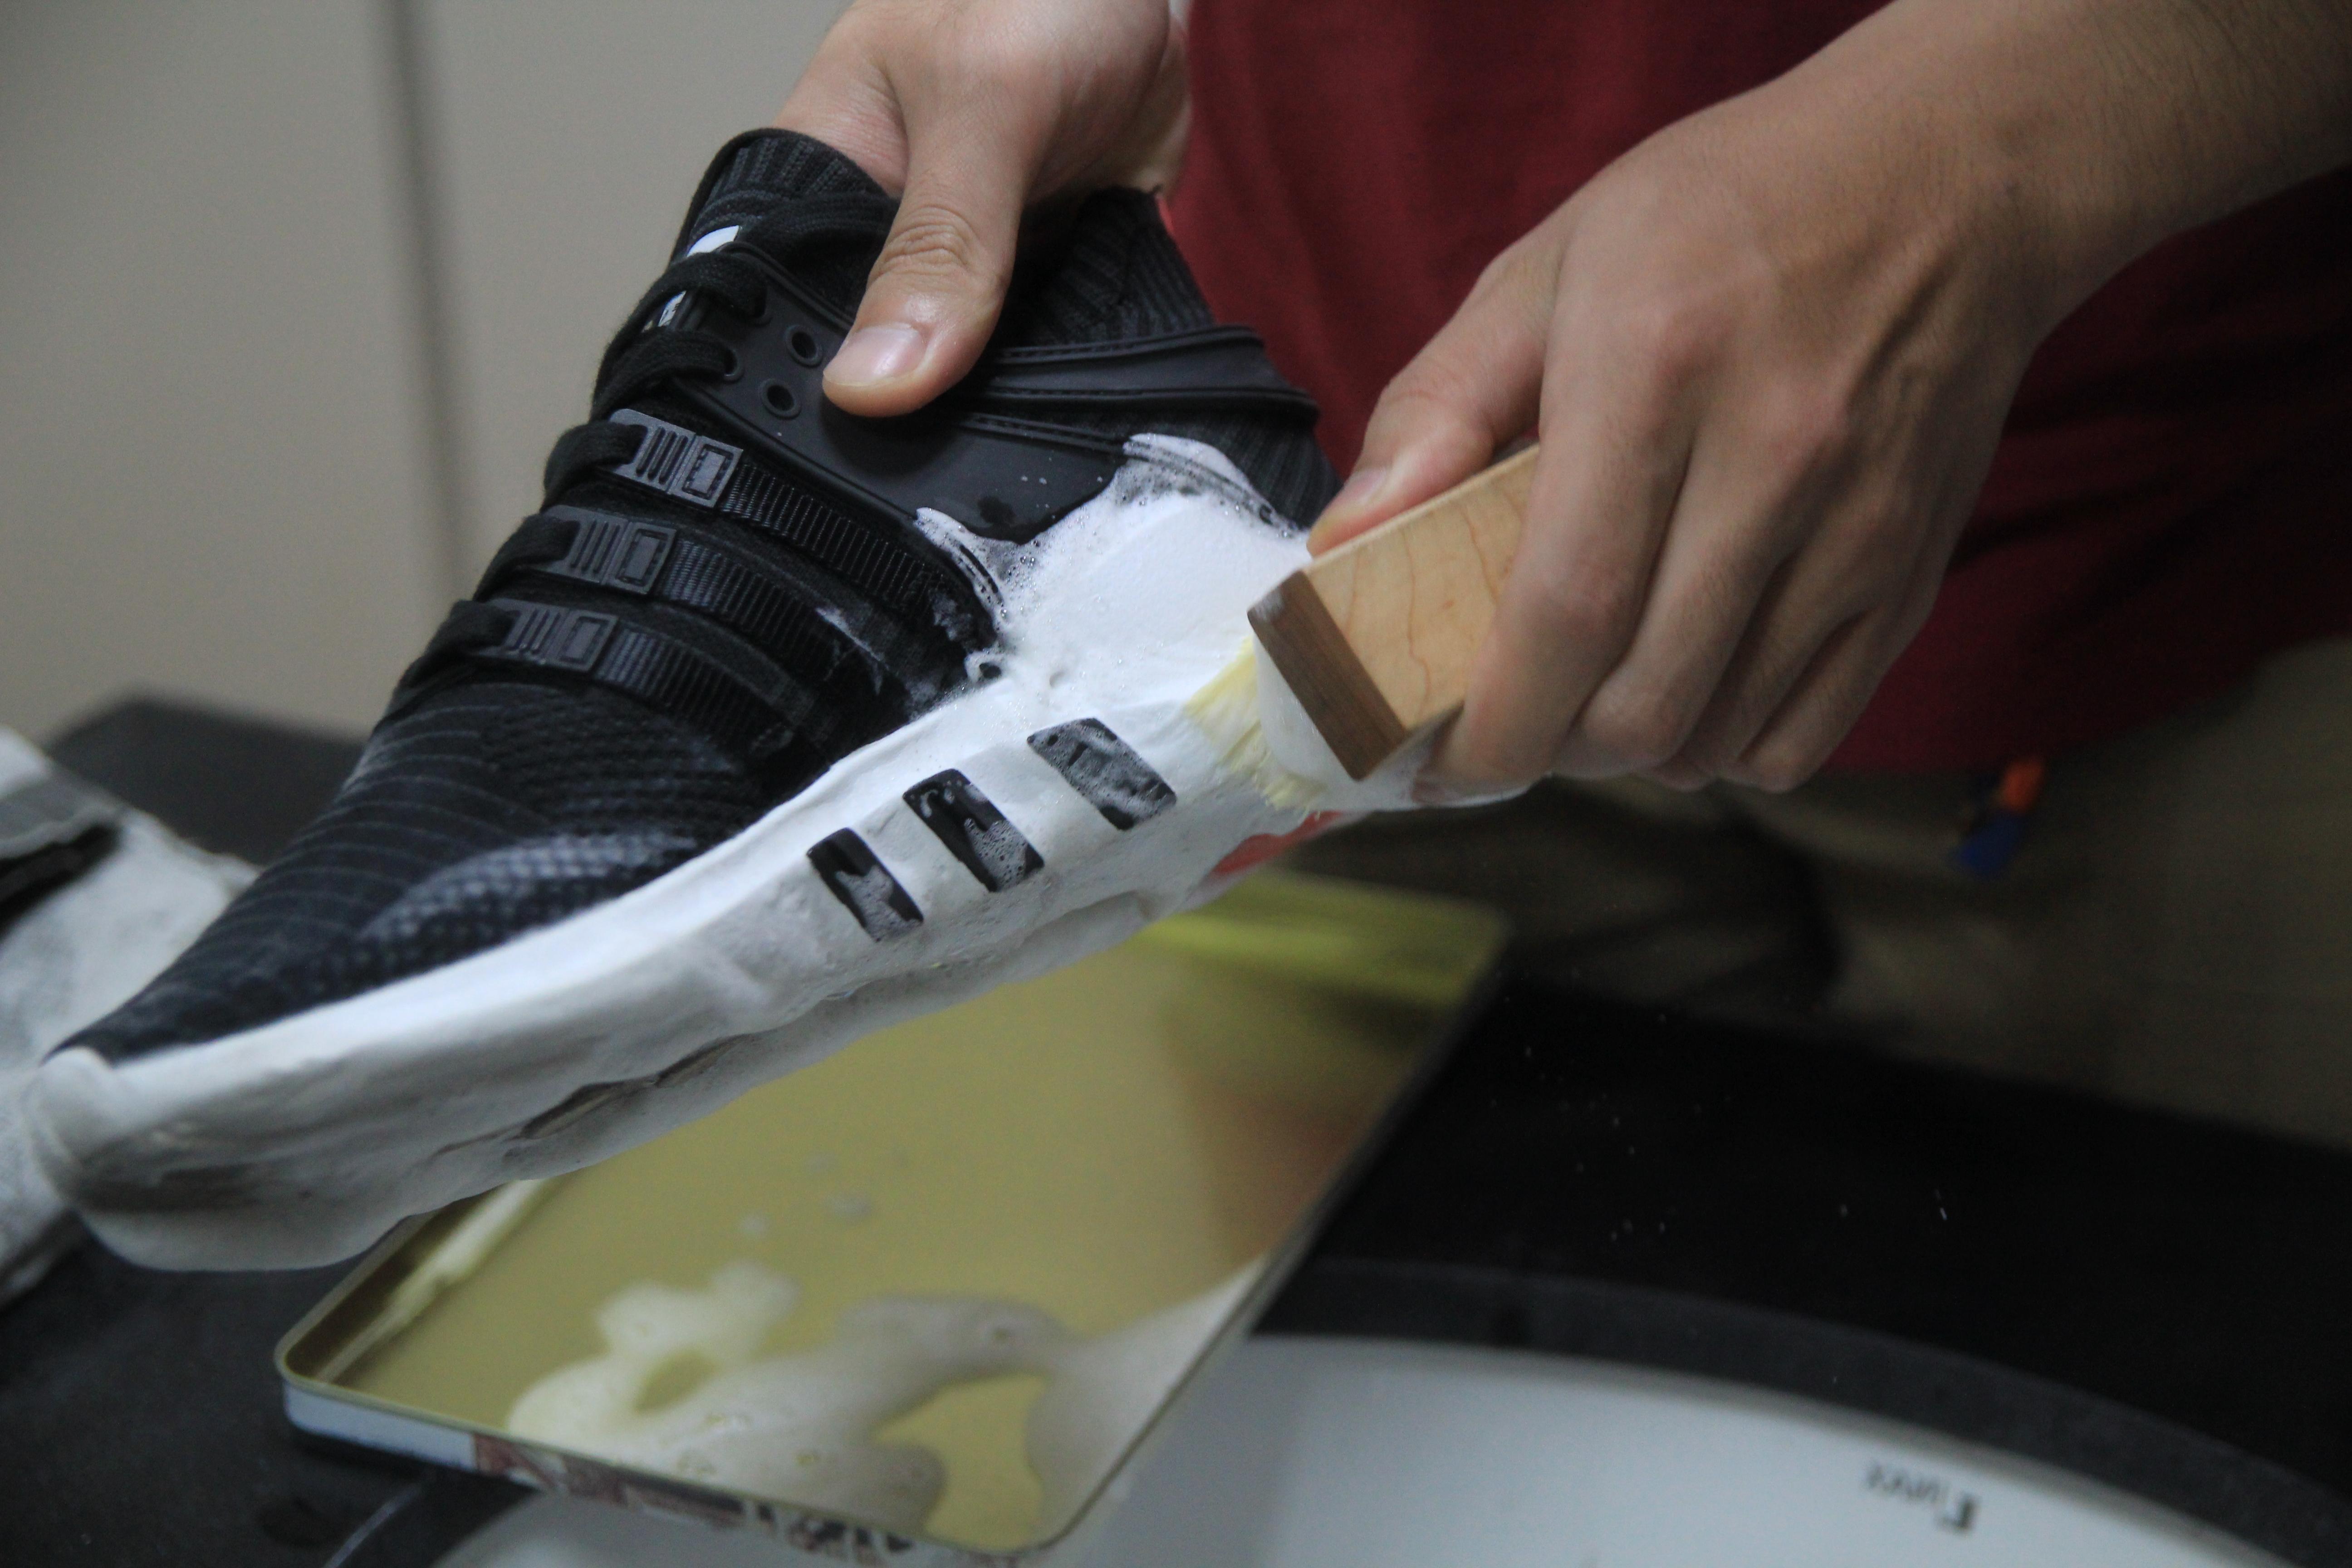 Sau khi đi thử adidas EQT trong 10 ngày, tôi khẳng định đây là một trong những đôi giày tốt nhất bạn nên mua - Ảnh 12.